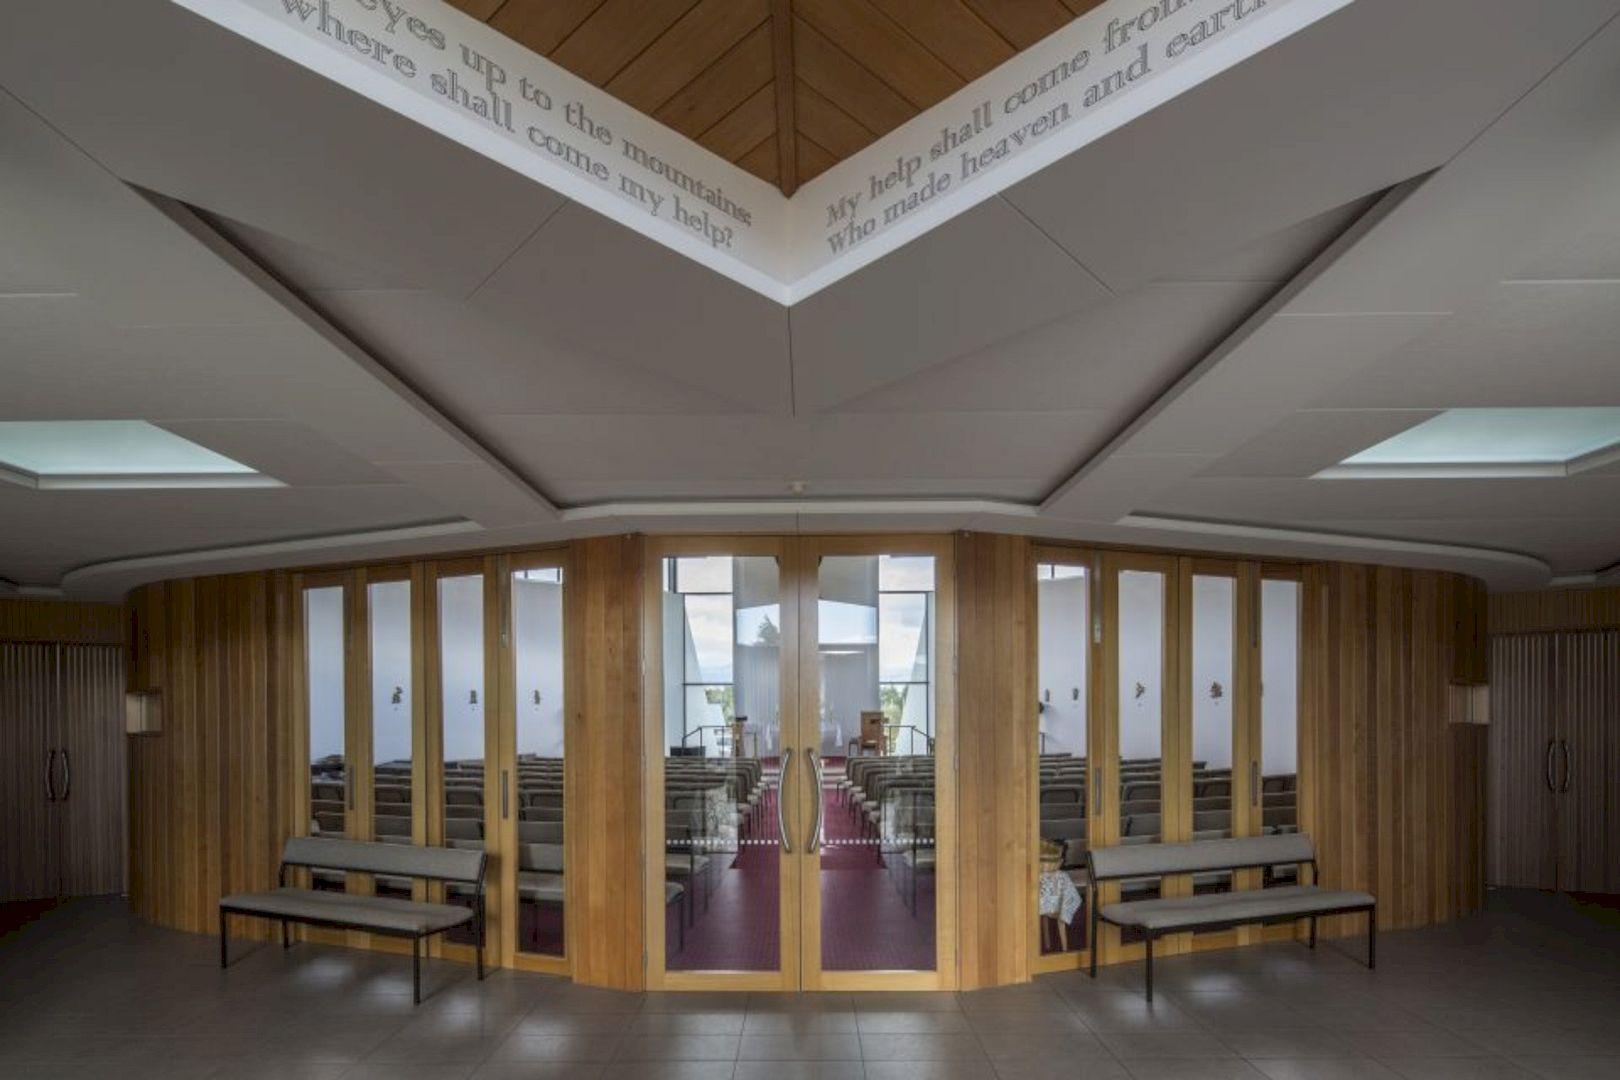 Holy Family Catholic Church By Condon Scott Architects 6